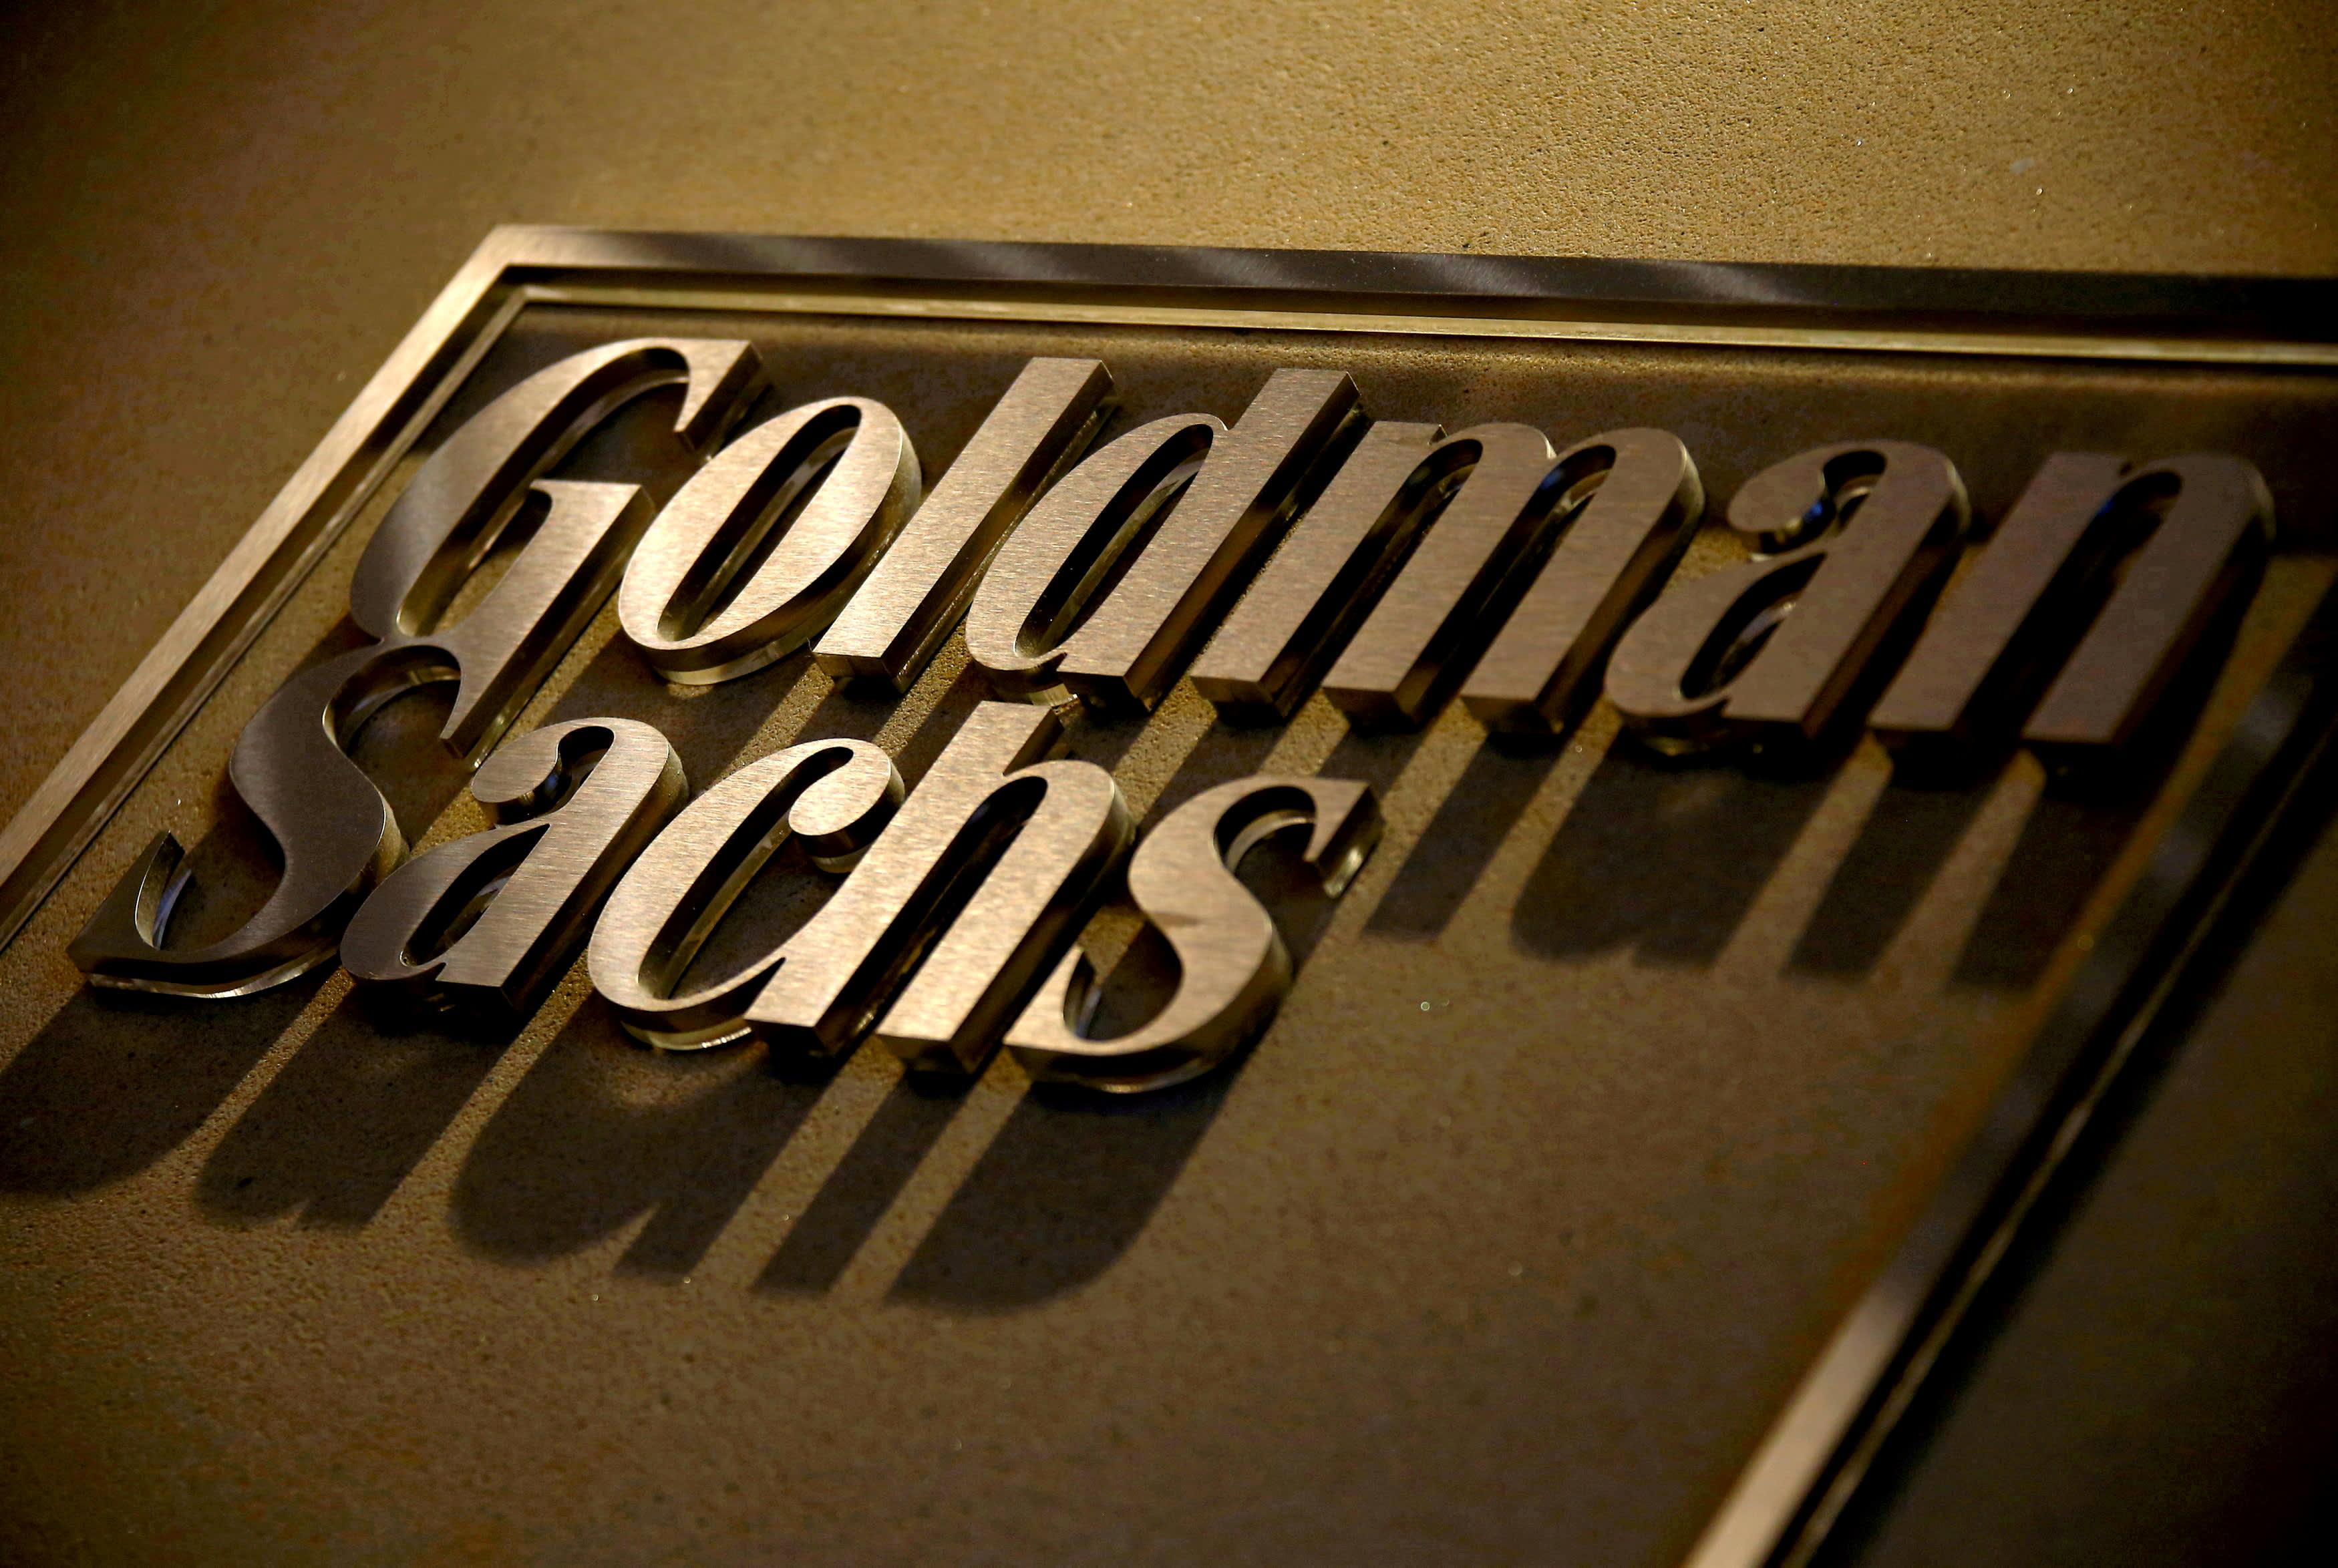 Goldman names Denis Coleman as new CFO starting next year for retiring Stephen Scherr